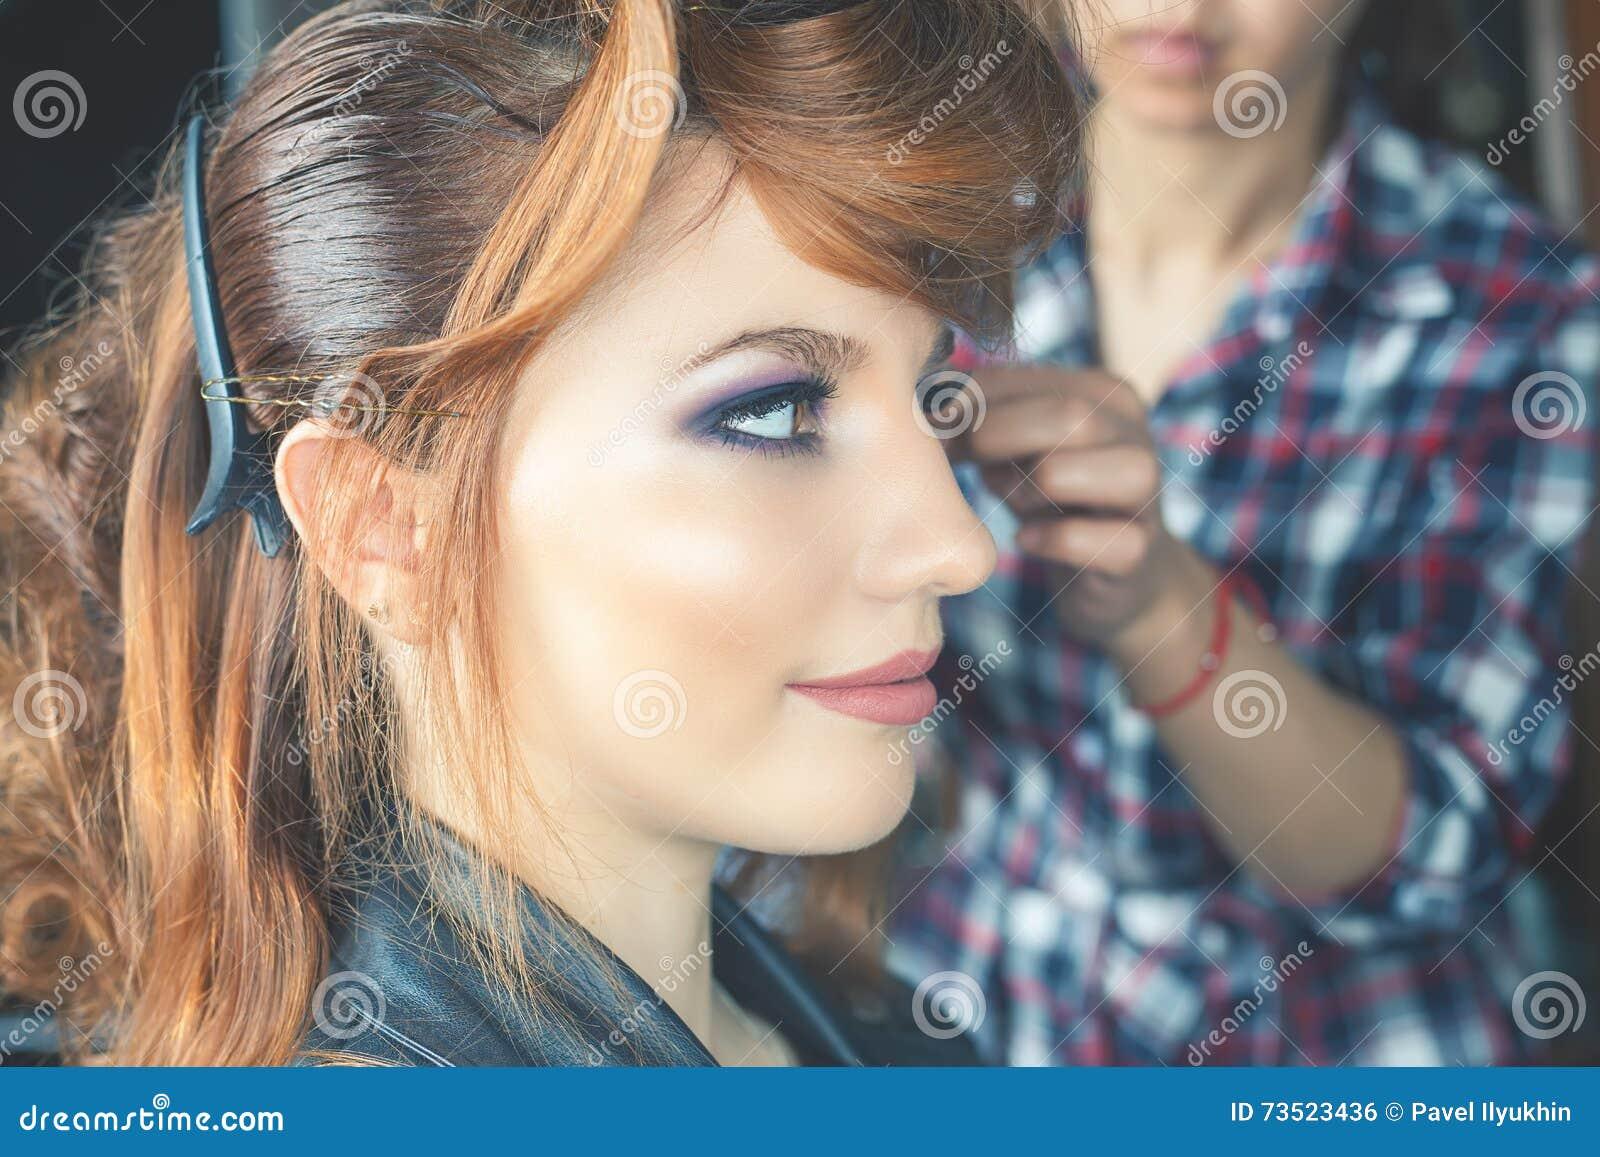 Abstrakcjonistyczna sztandaru mody fryzury ilustracja kobieta z kijem włosy przyczepia barów nożyce